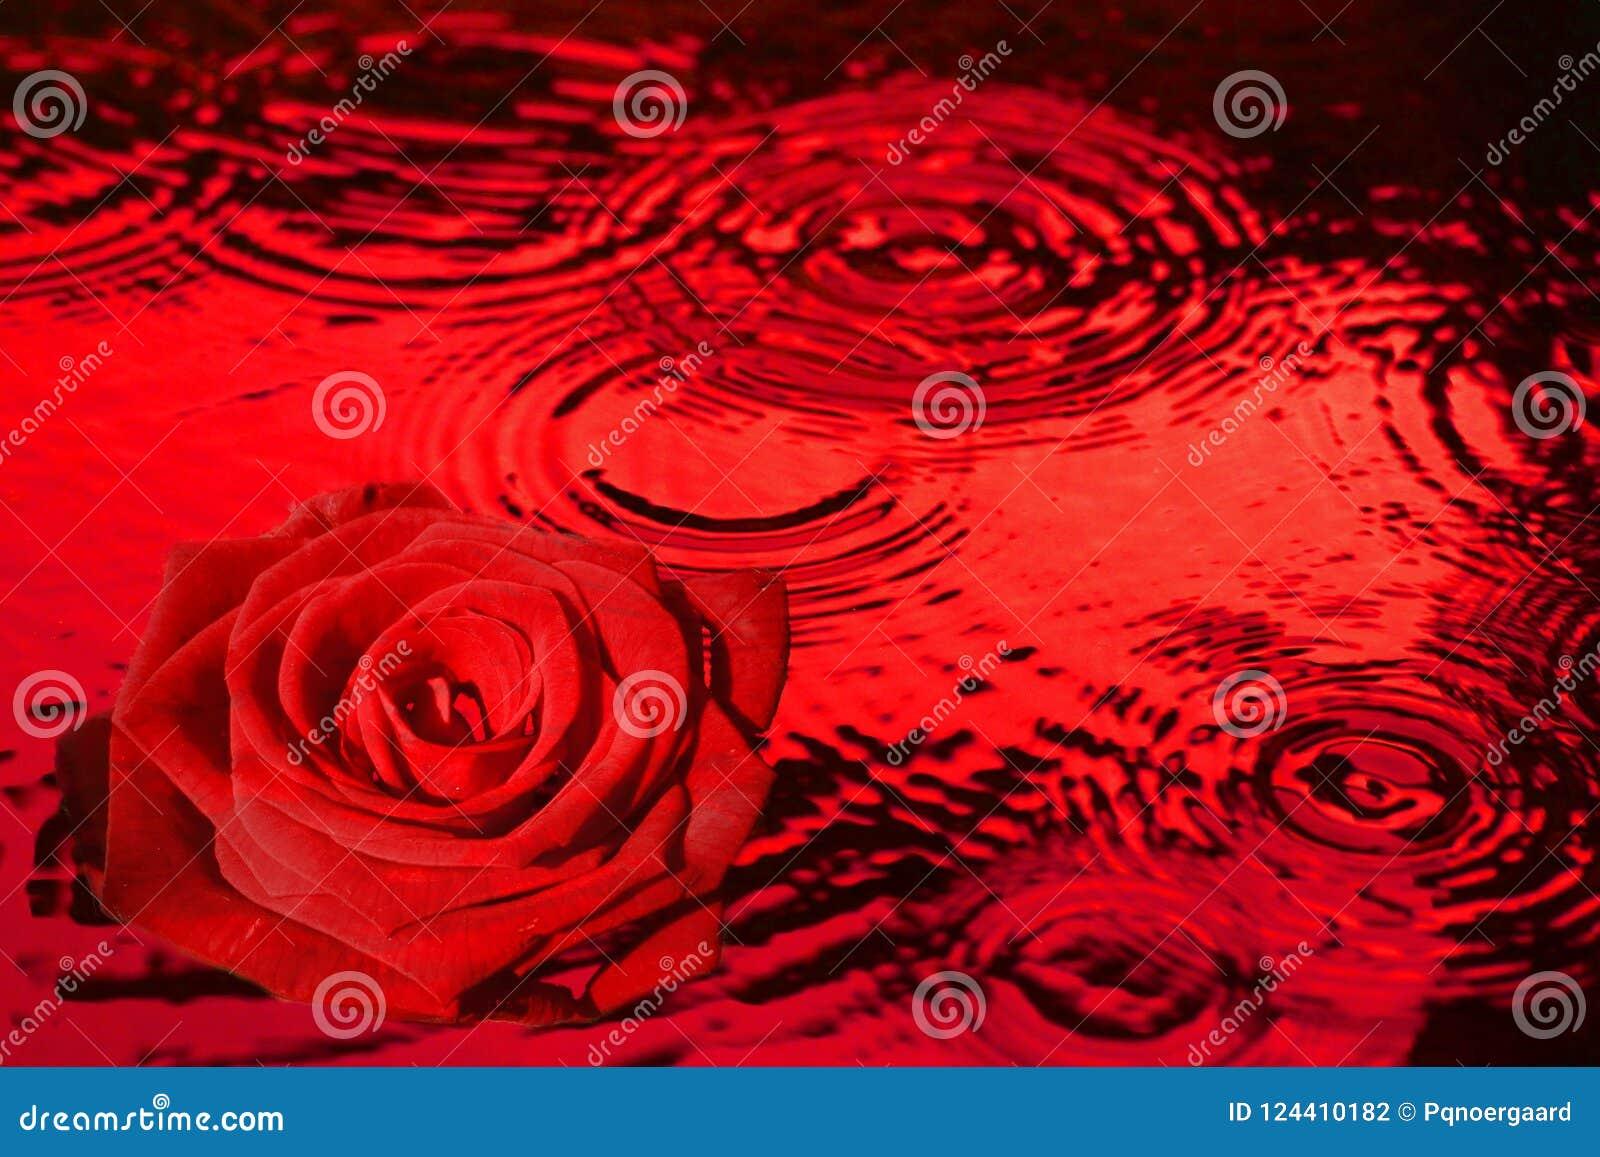 Rotrose, wenn rotes Wasser getropft wird